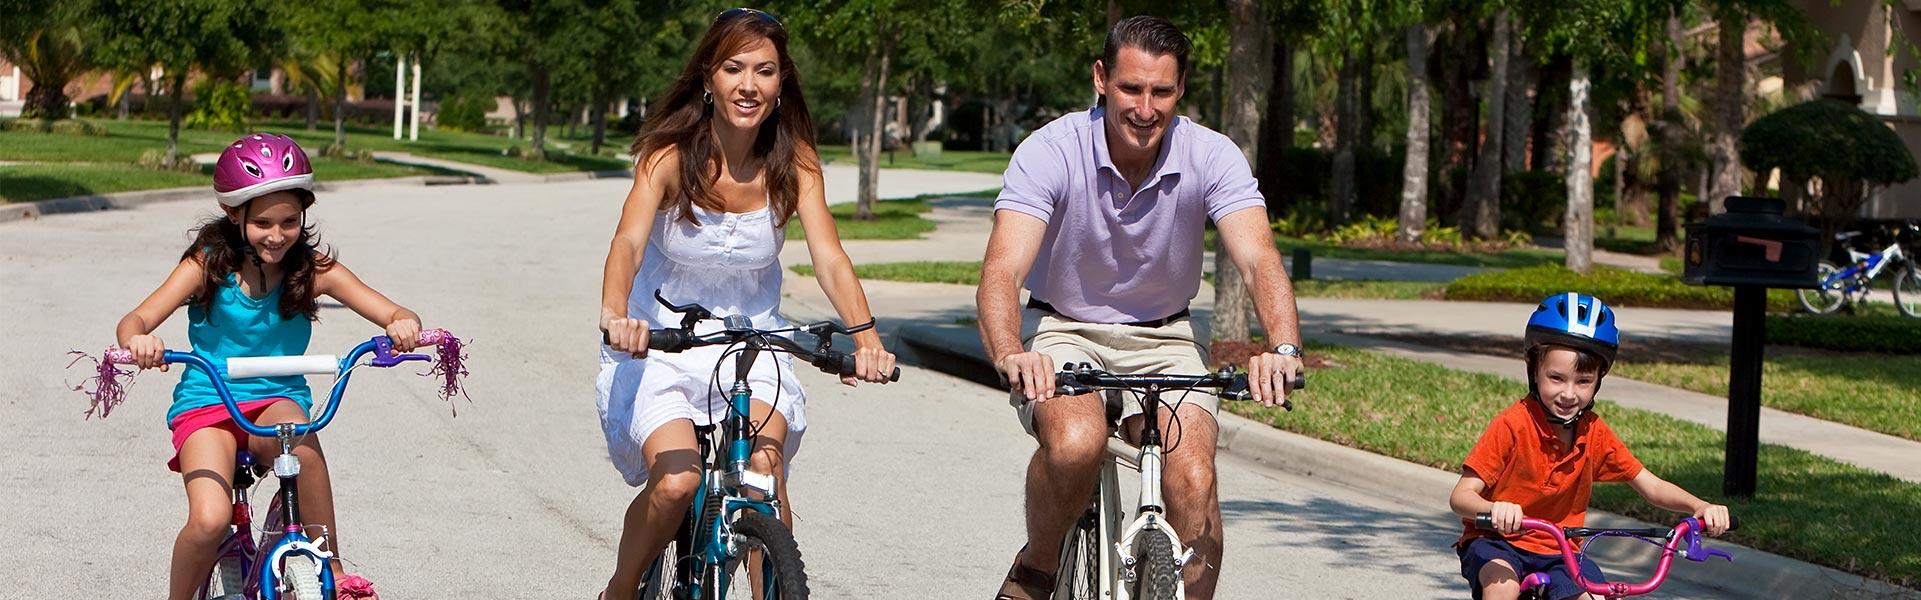 Family biking in Jacksonville